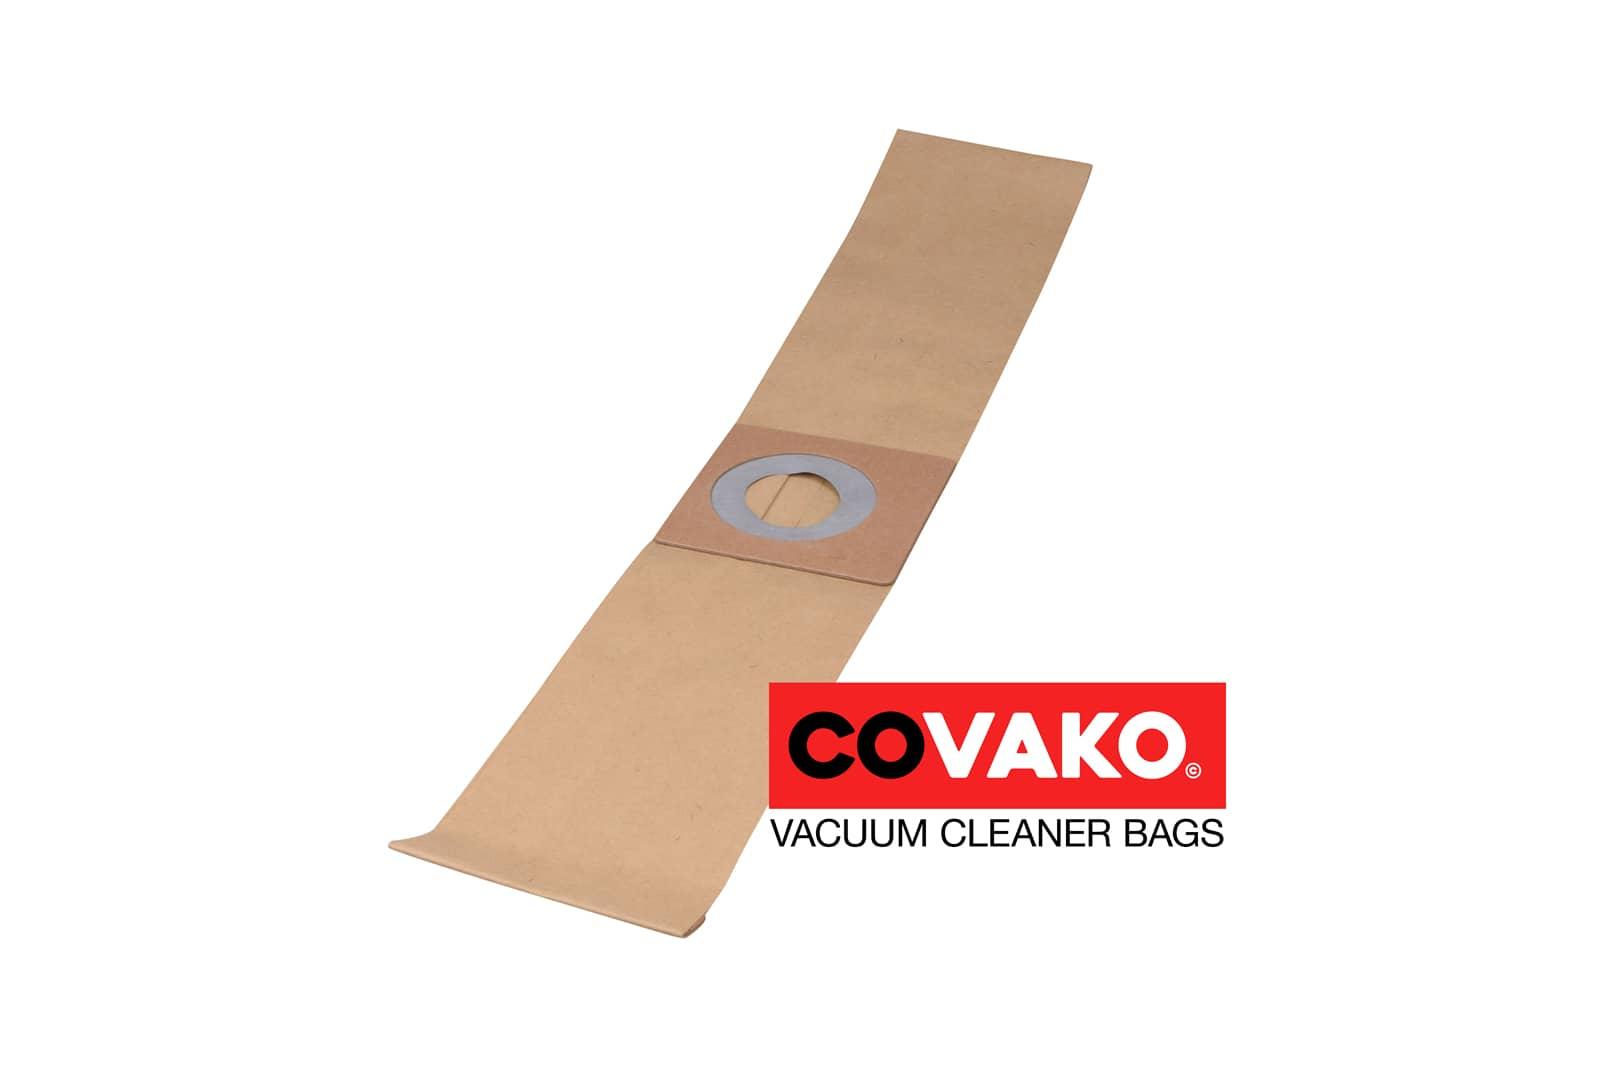 Nilco Micro / Papier - Nilco sacs d'aspirateur